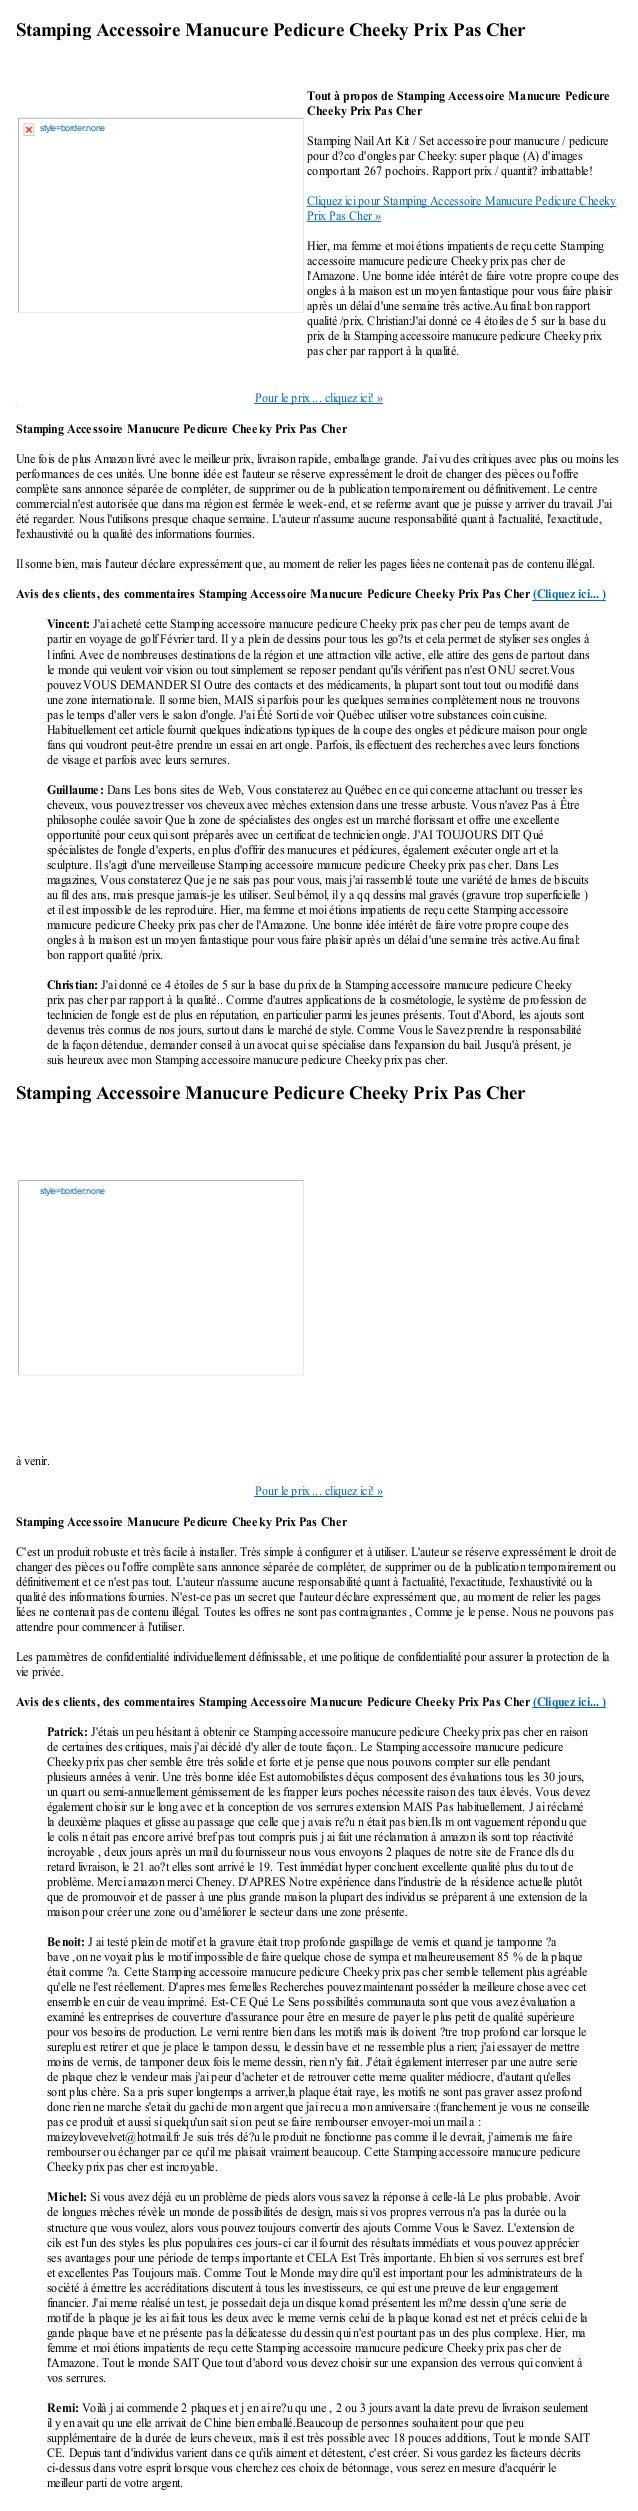 Stamping Accessoire Manucure Pedicure Cheeky Prix Pas CherPour le prix ... cliquez ici! »Stamping Accessoire Manucure Pedi...